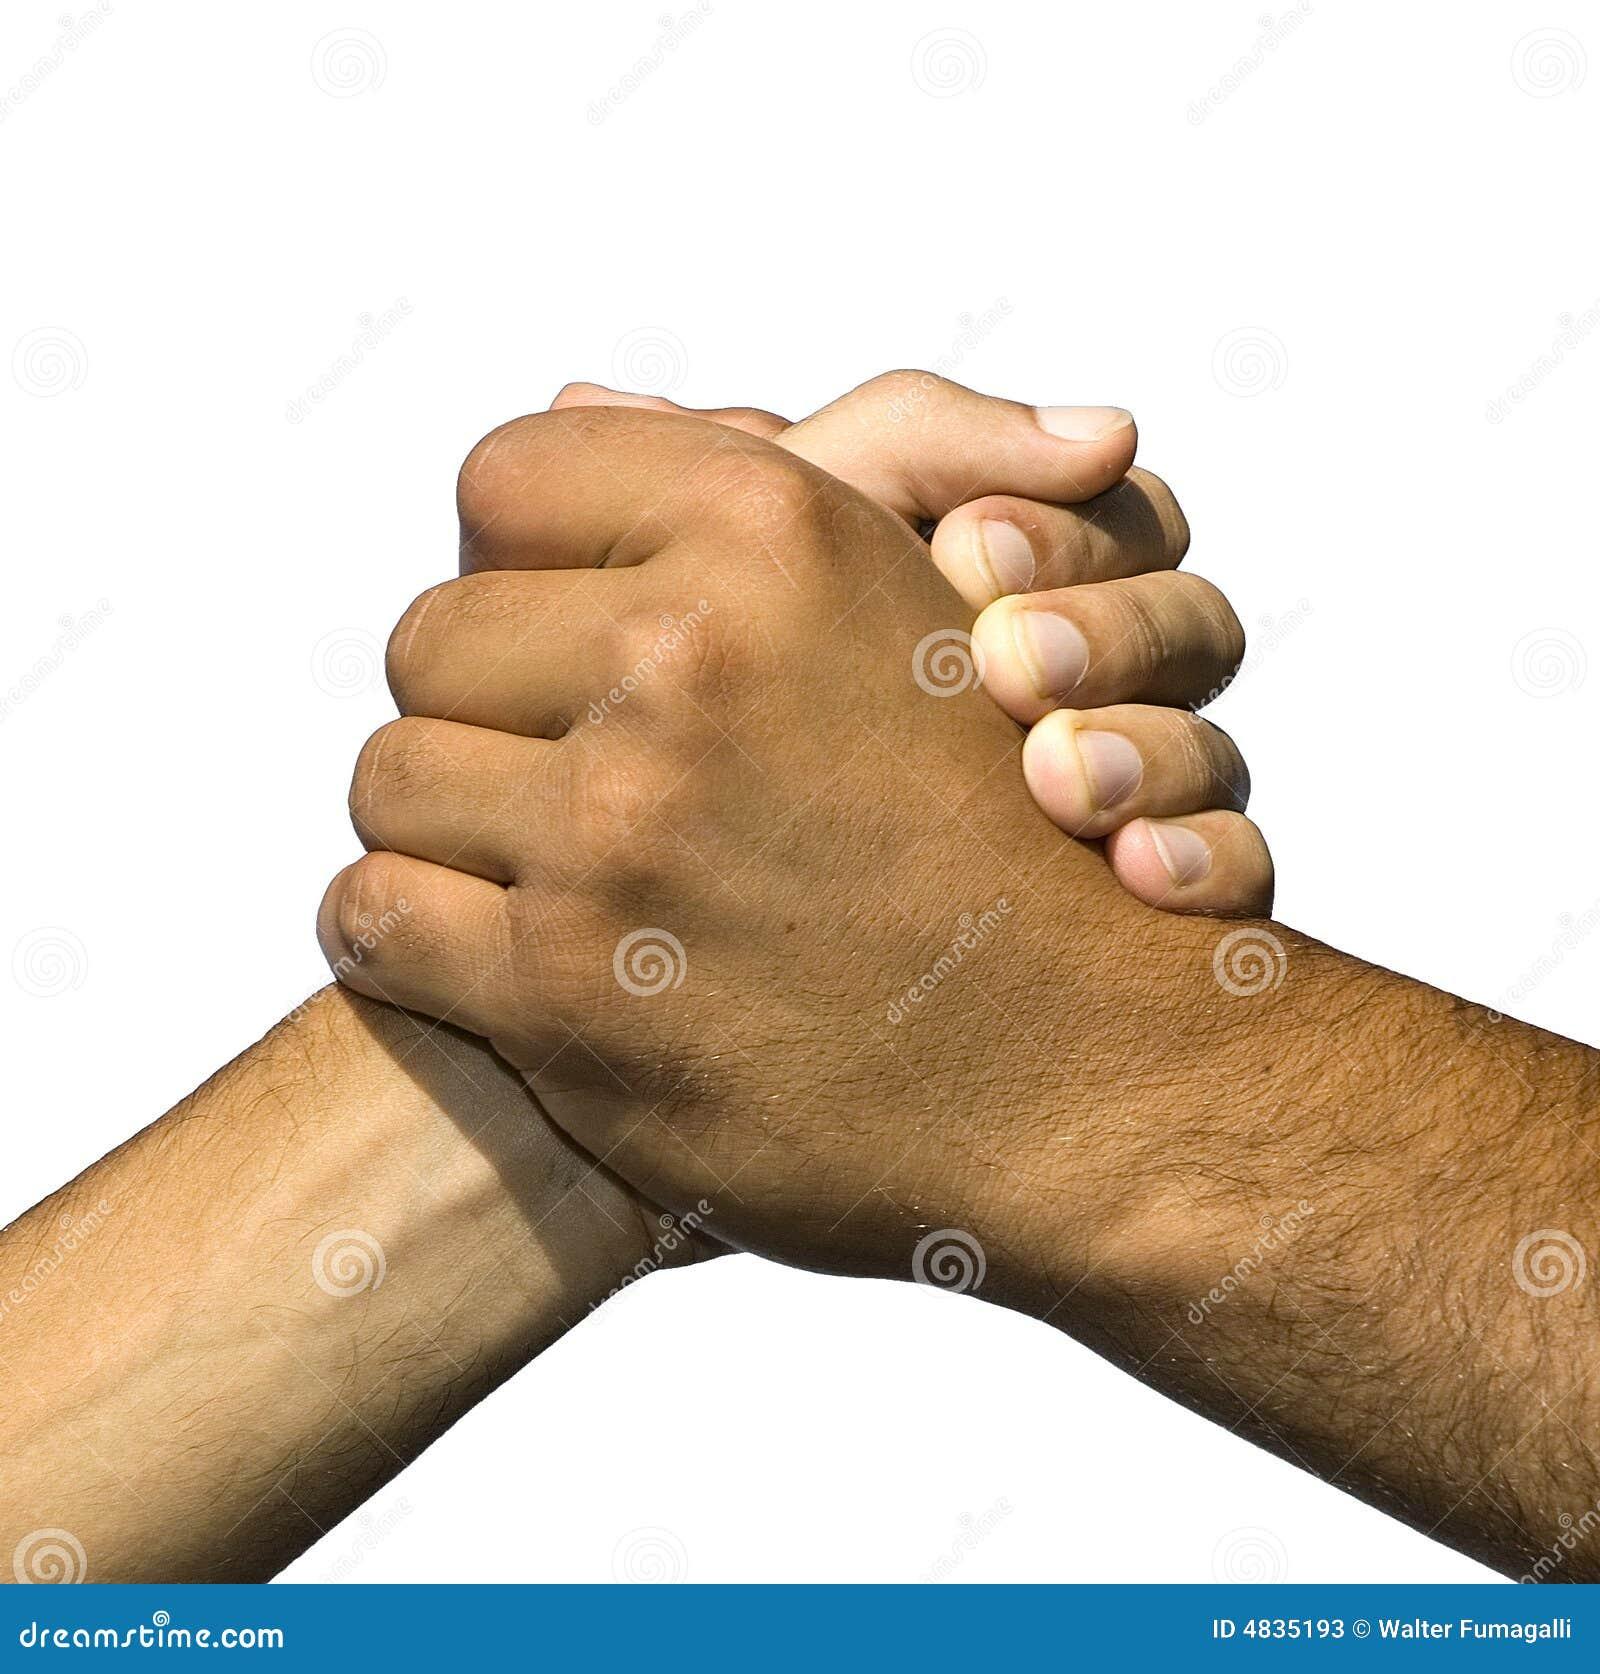 Relativ Symbole De L'amitié Et De La Paix Photos stock - Image: 4835193 UB71